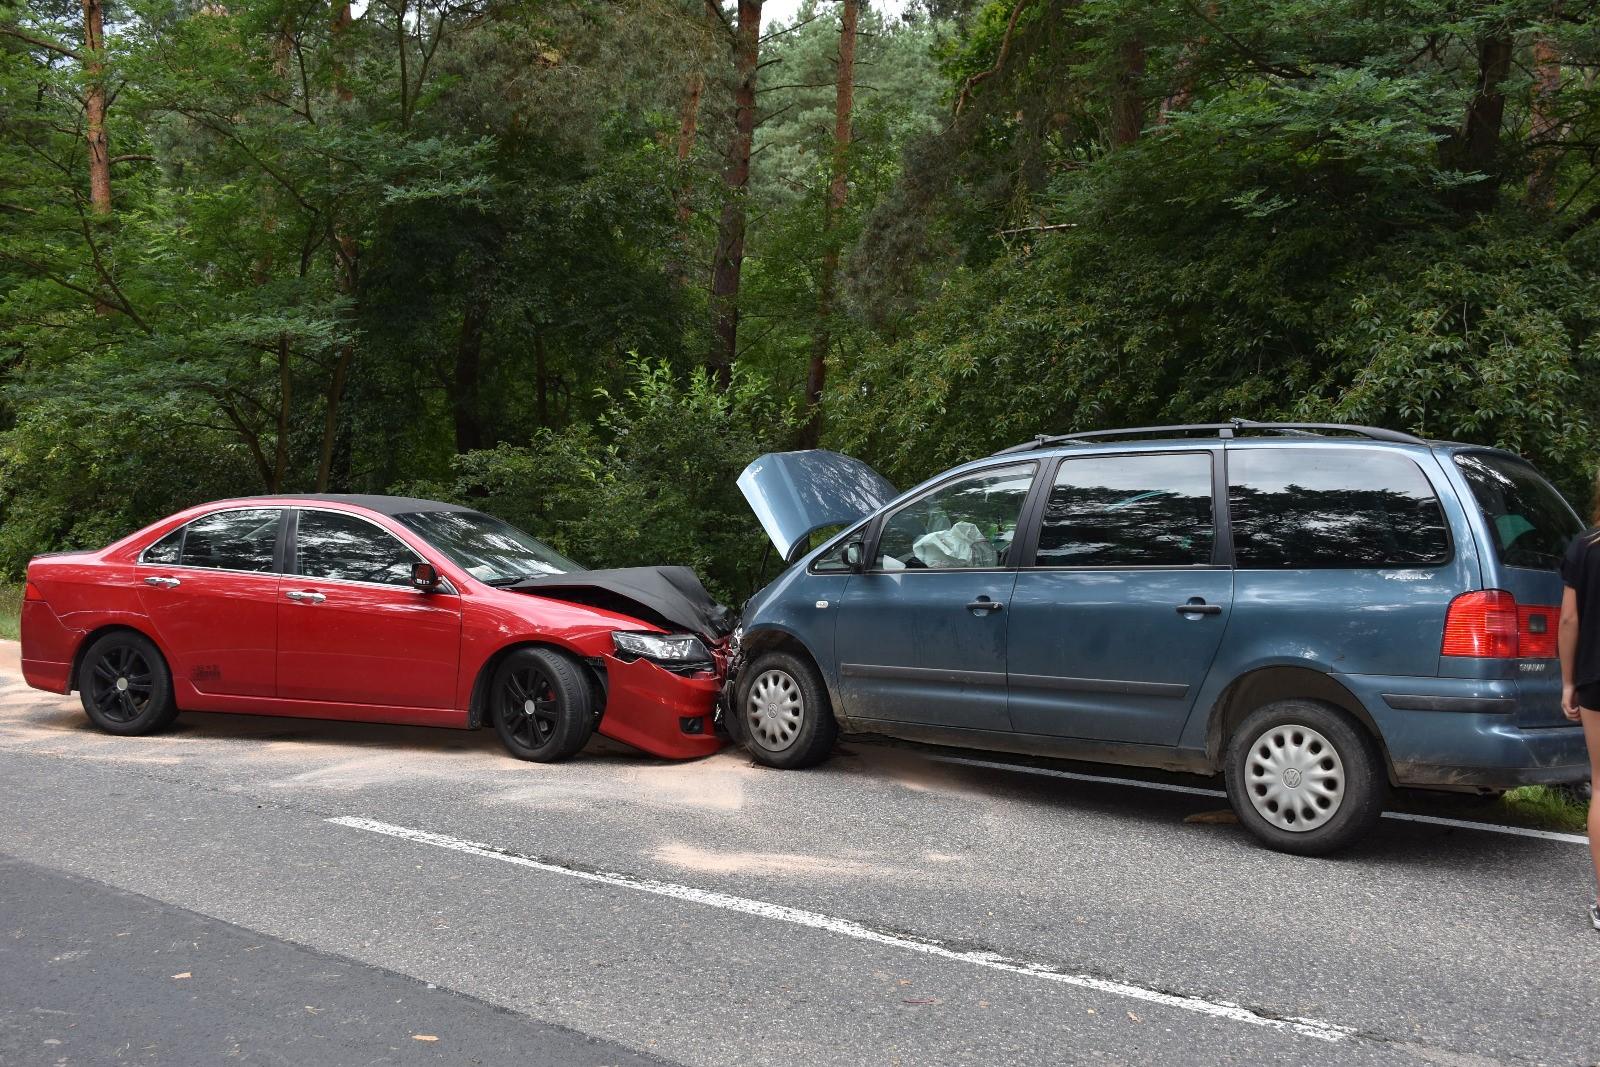 Wypadek aut z dziećmi na pokładzie na trasie Chocianów - Polkowice